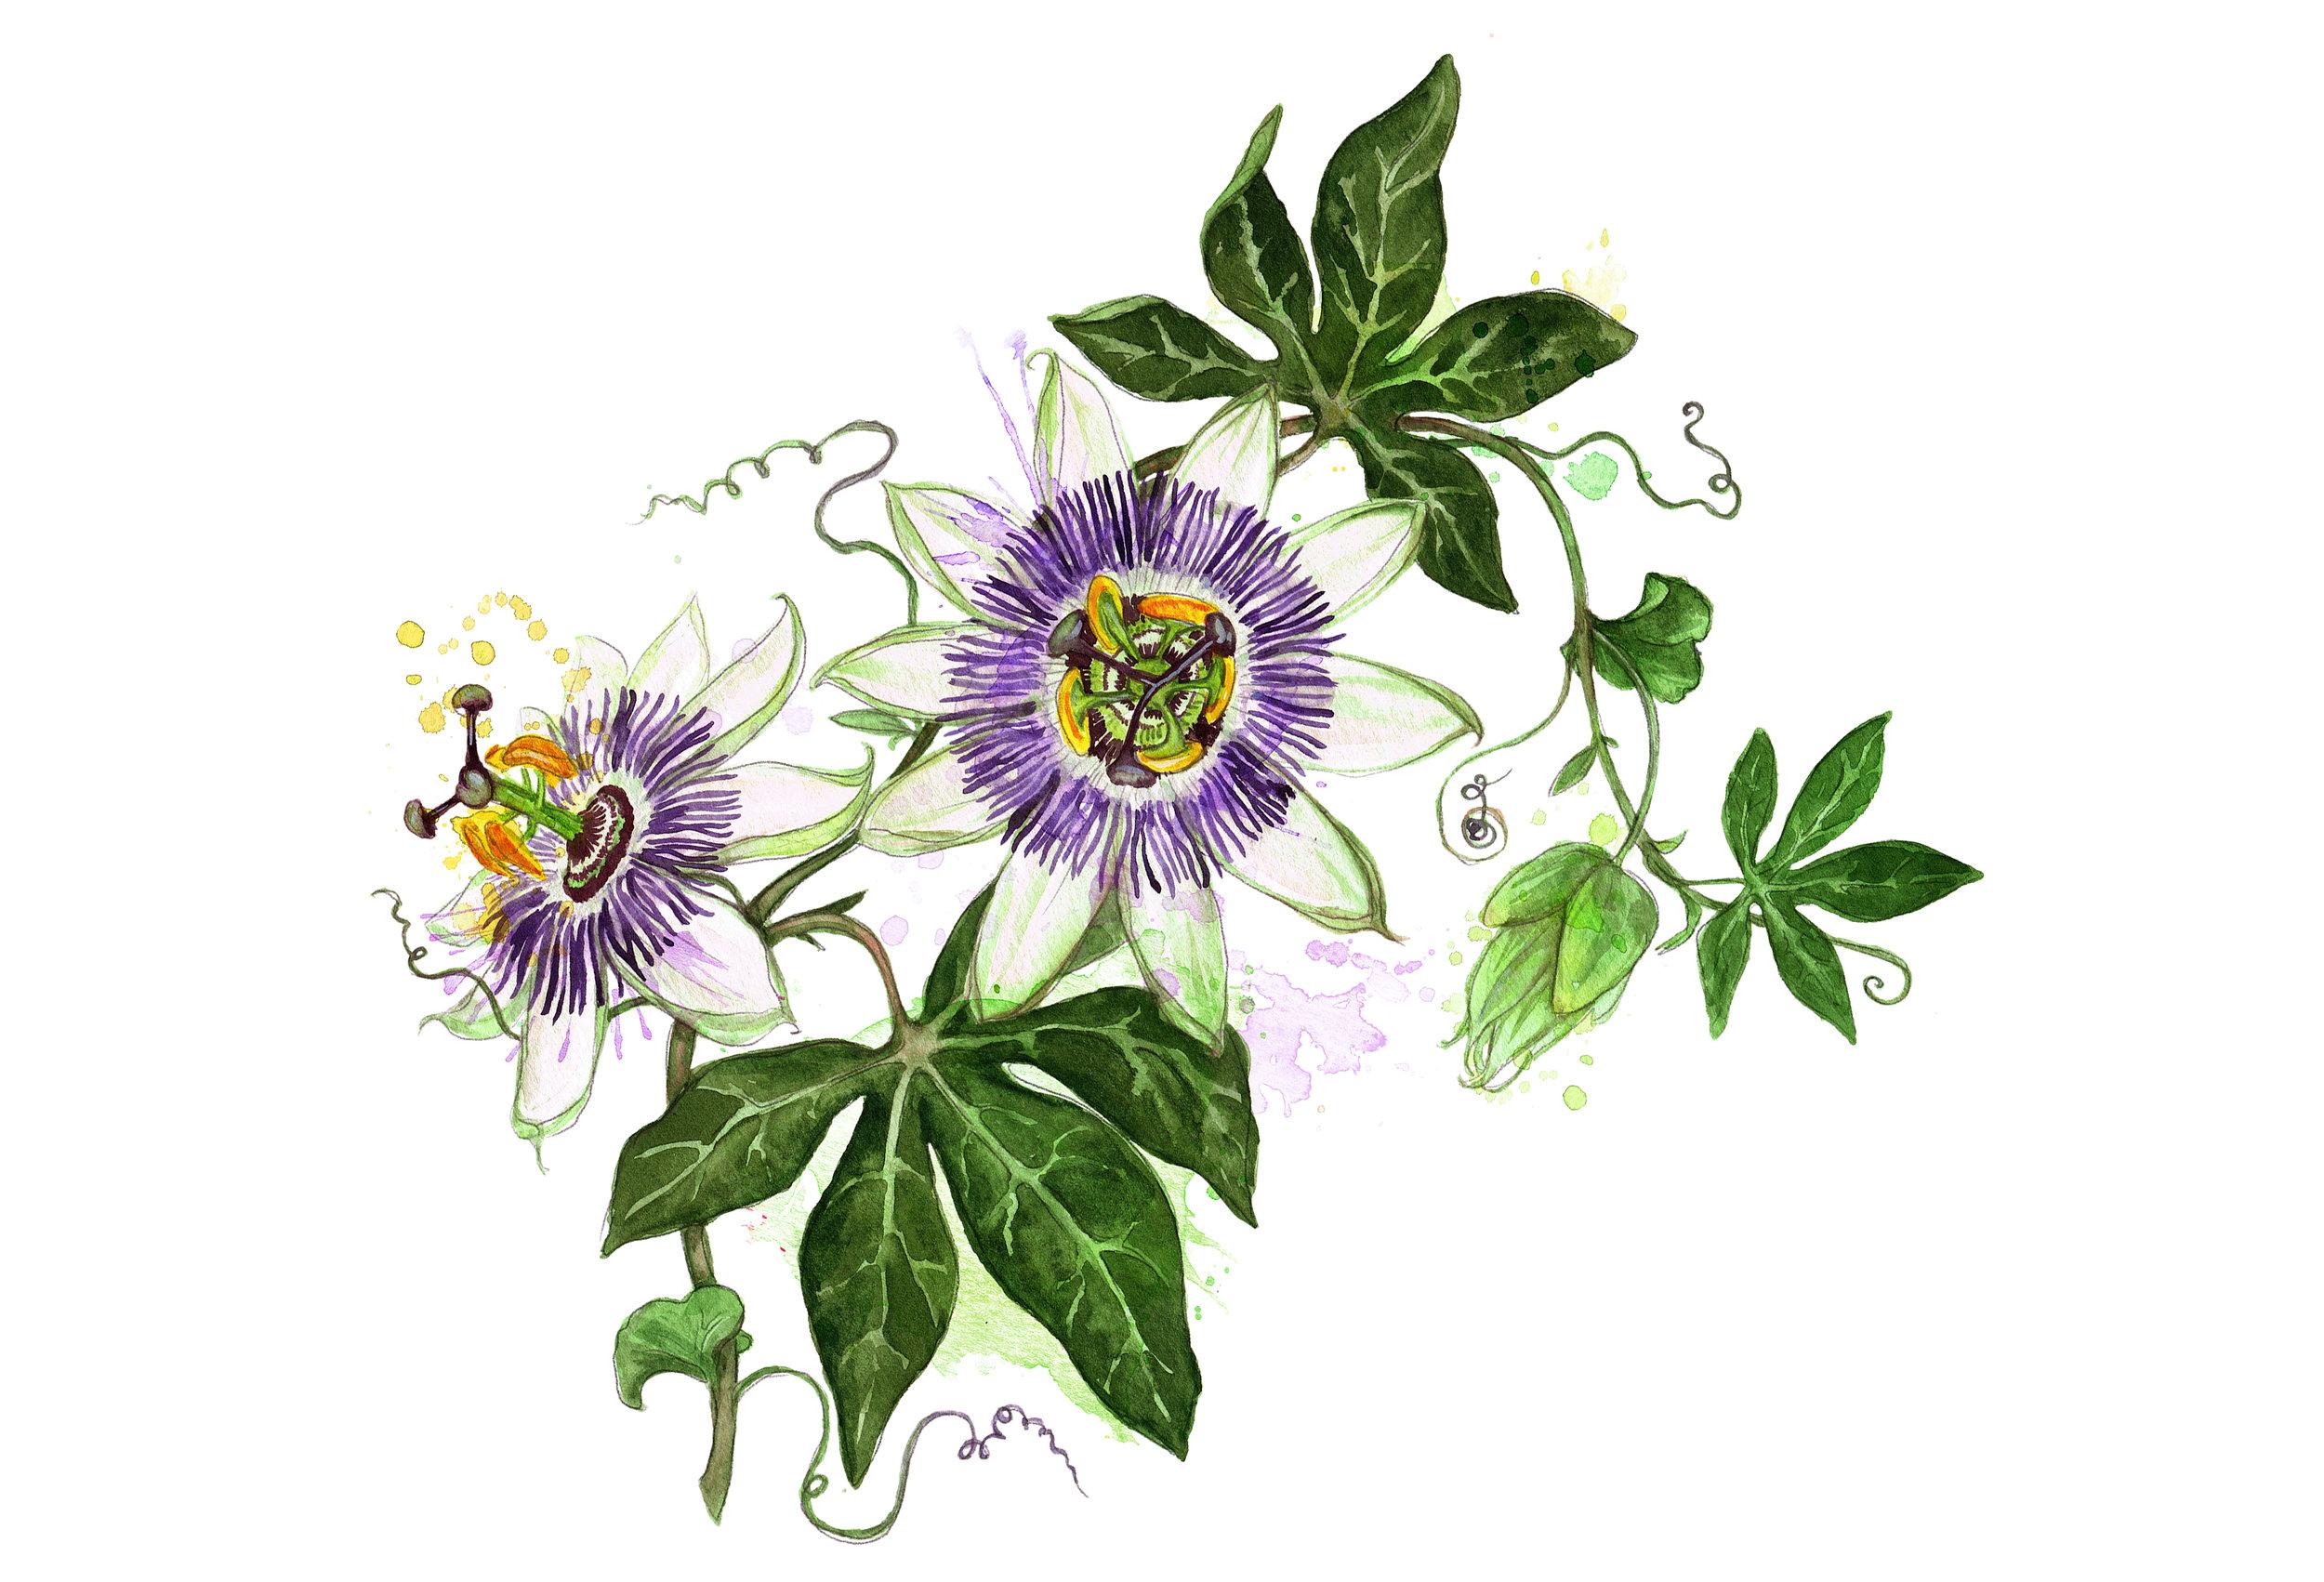 AUK_2017_passiflora.jpg